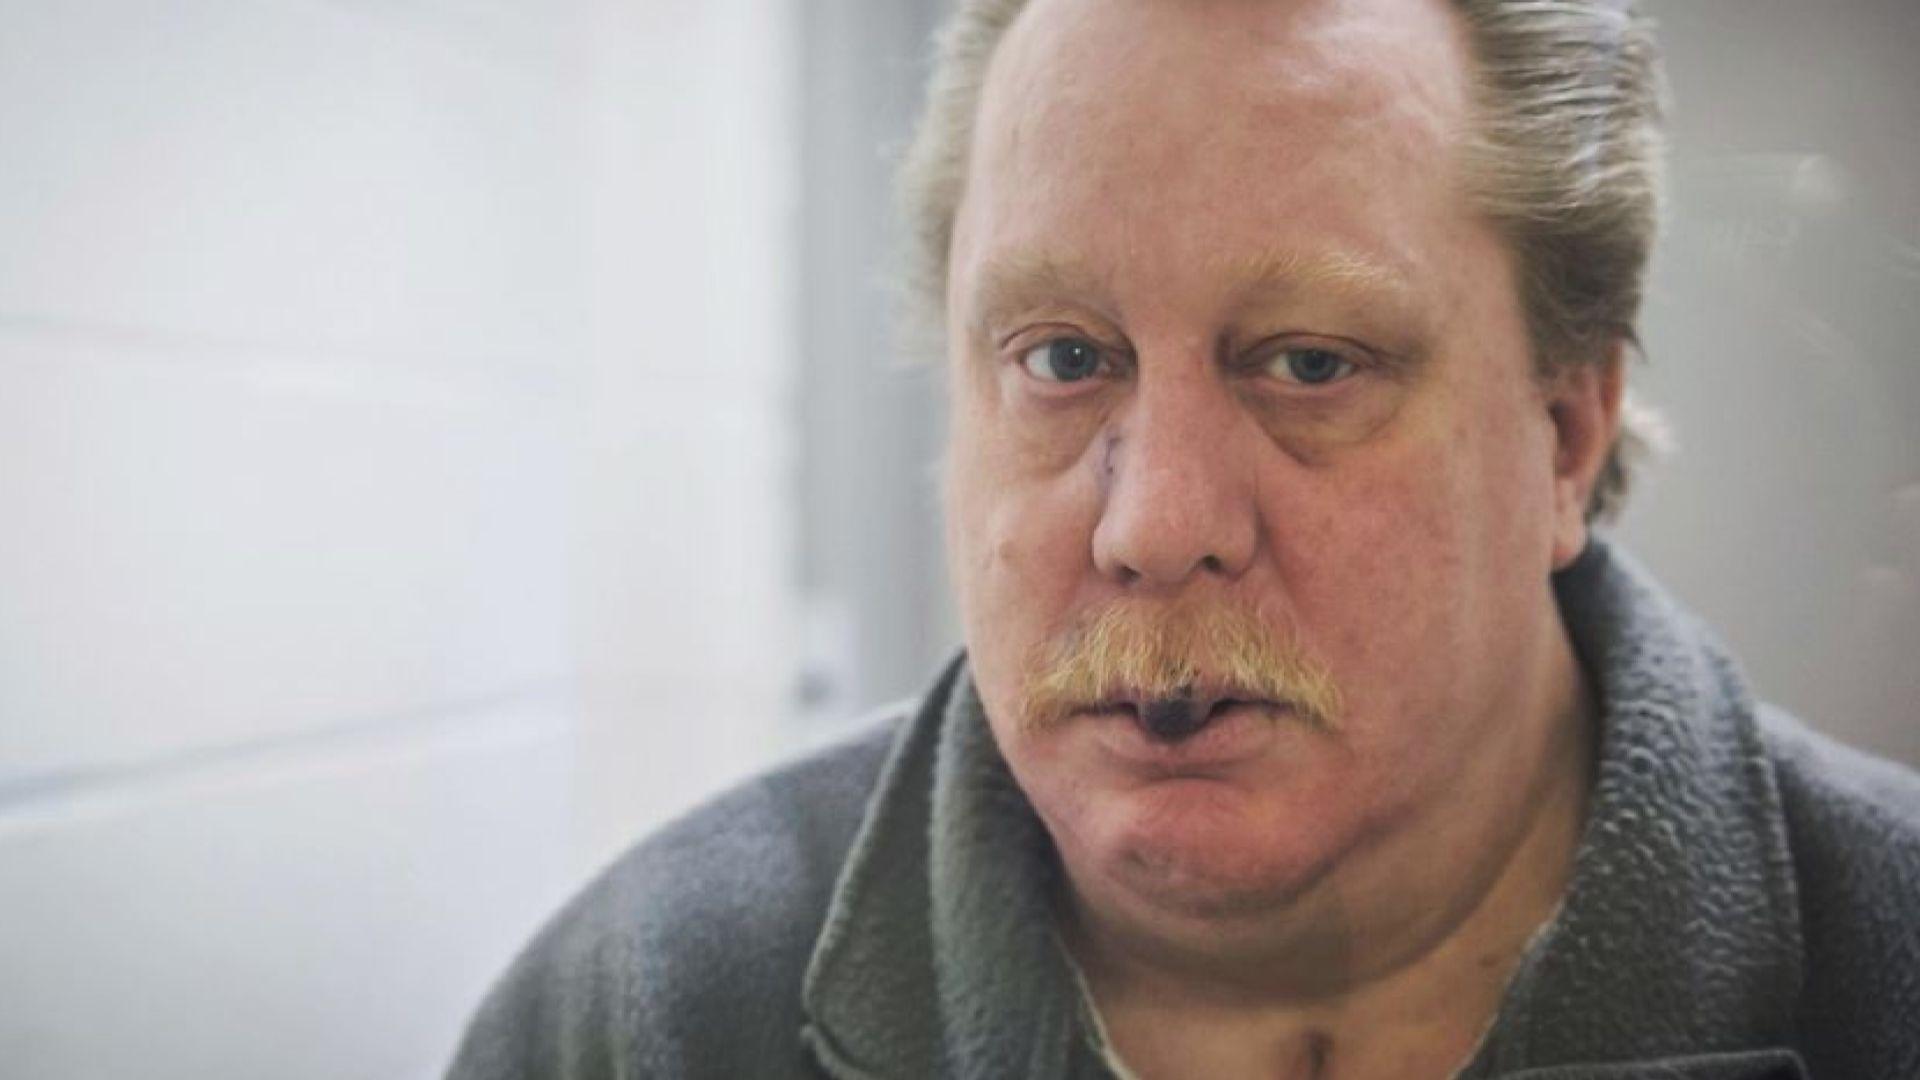 【環球薈報】美國最高法院駁回死囚要求「無痛死亡」